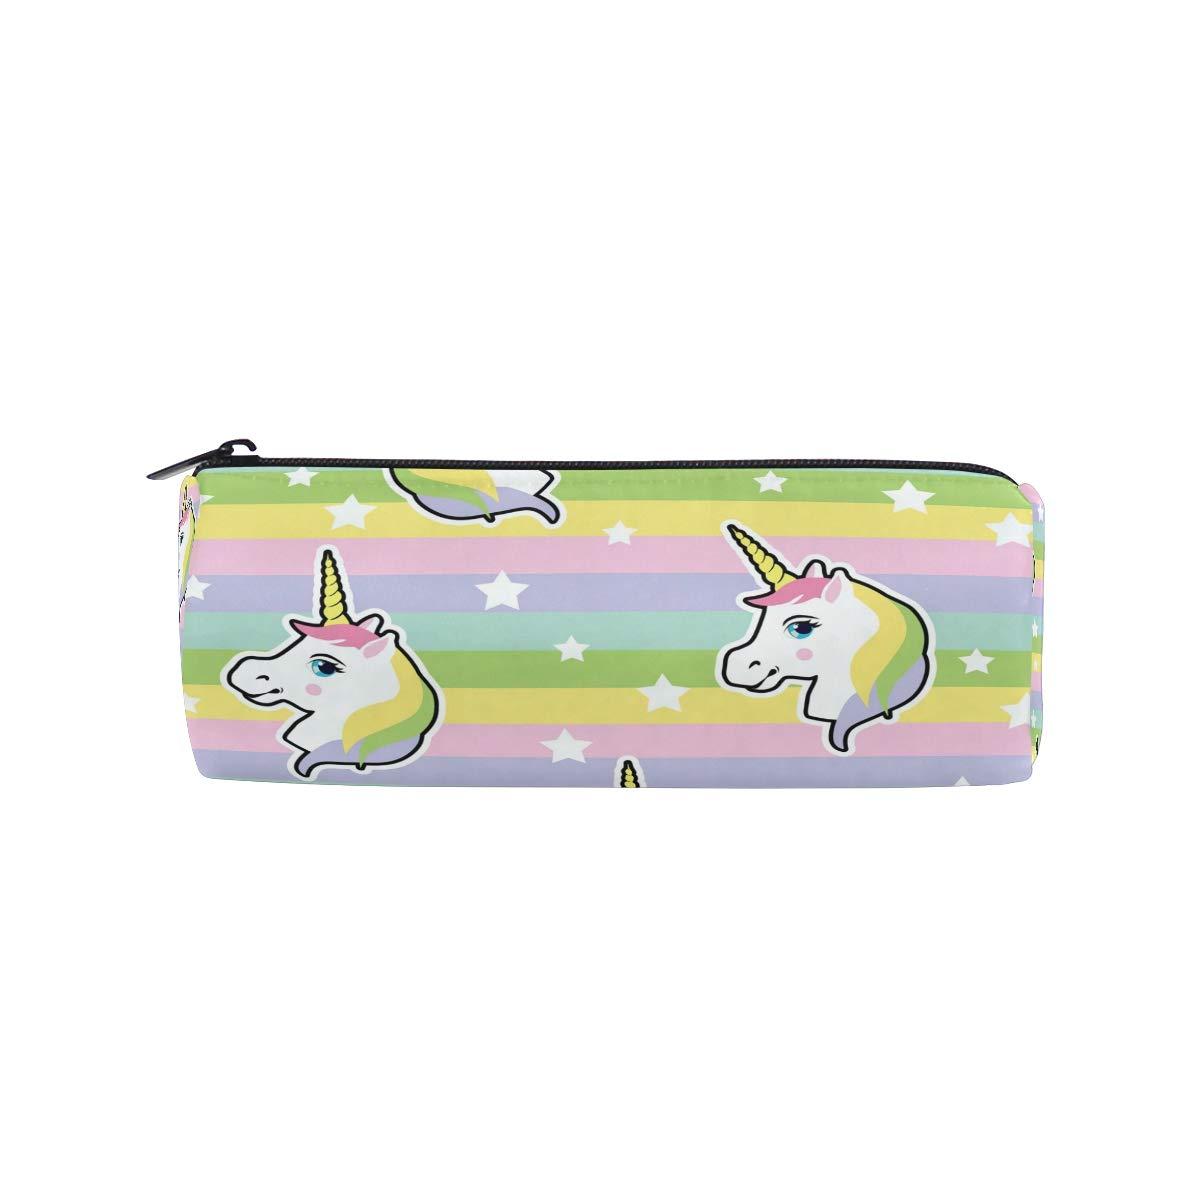 Bonie - Estuche colorido con diseño de unicornio hipster de arcoíris, estuche para lápices, estuche escolar para artículos de papelería, estuche para cosméticos con cremallera: Amazon.es: Oficina y papelería